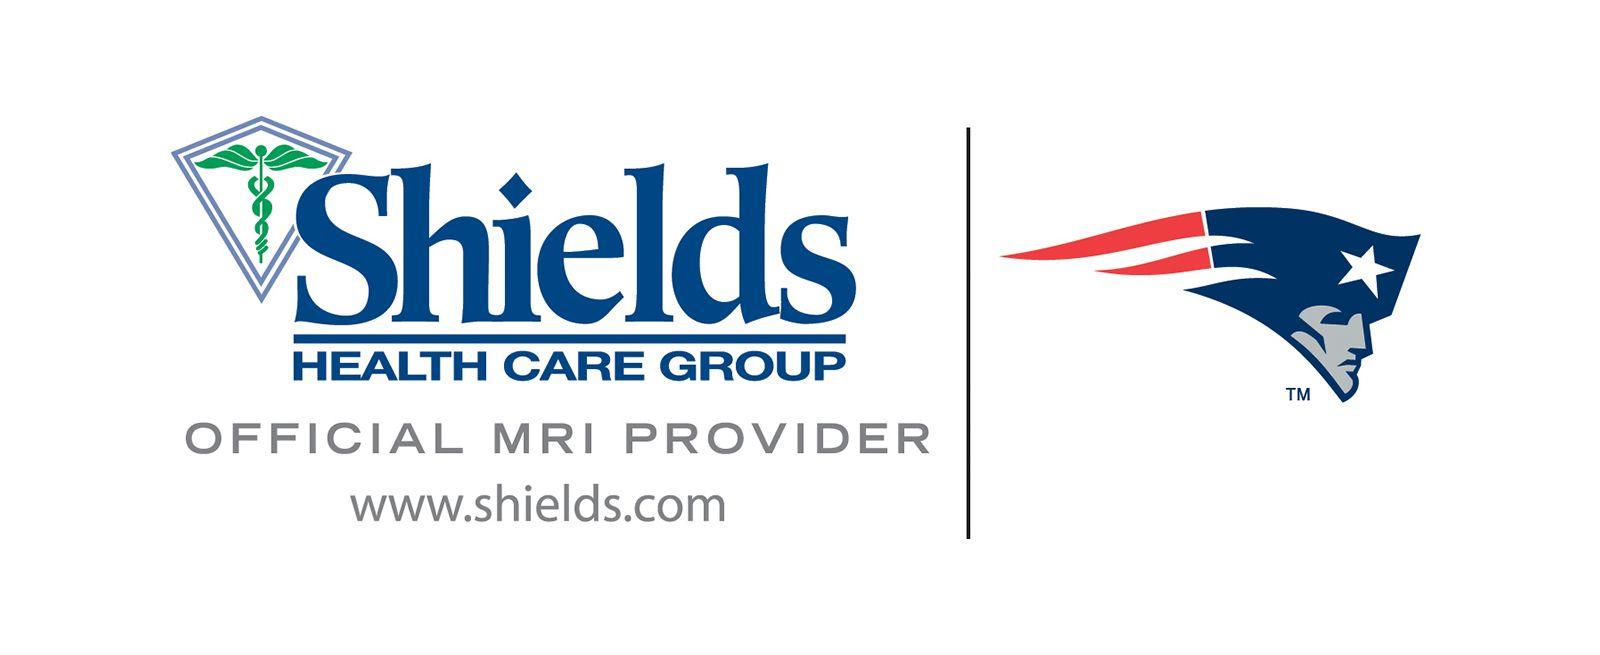 shields-premiere-logo